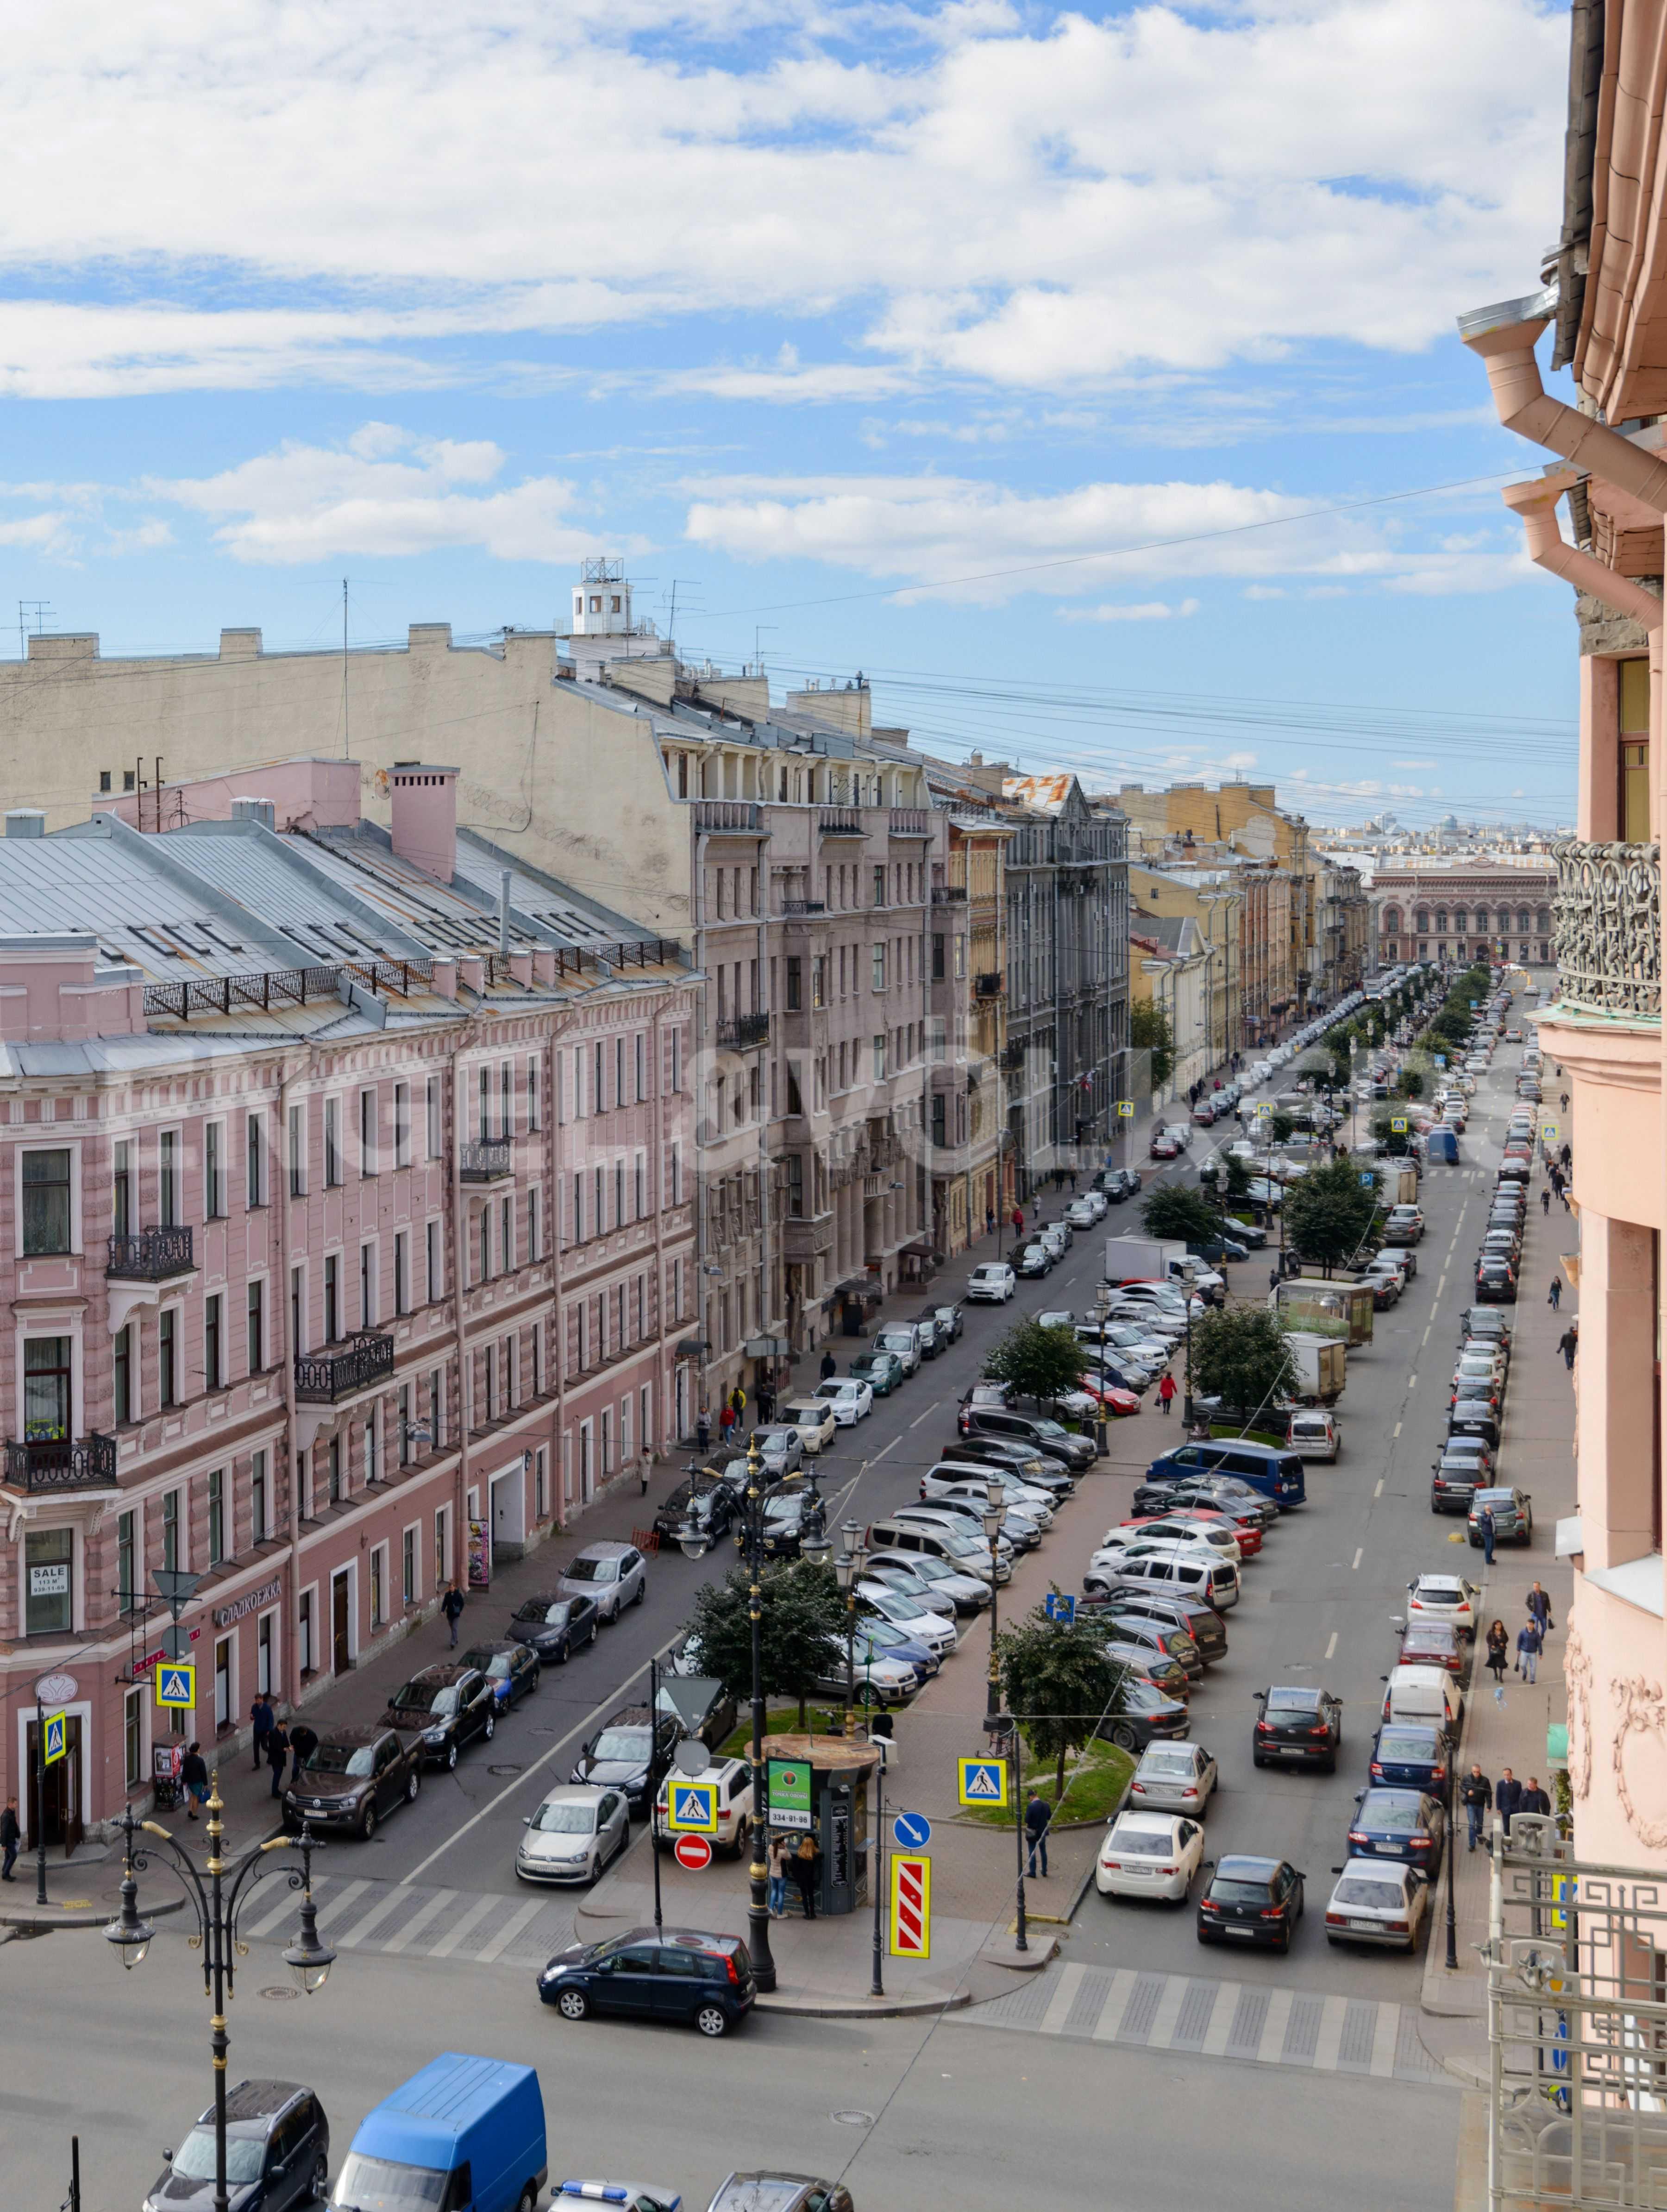 Элитные квартиры в Центральном районе. Санкт-Петербург, Захарьевская, 16. Вид с балкона в сторону прогулочной зоны